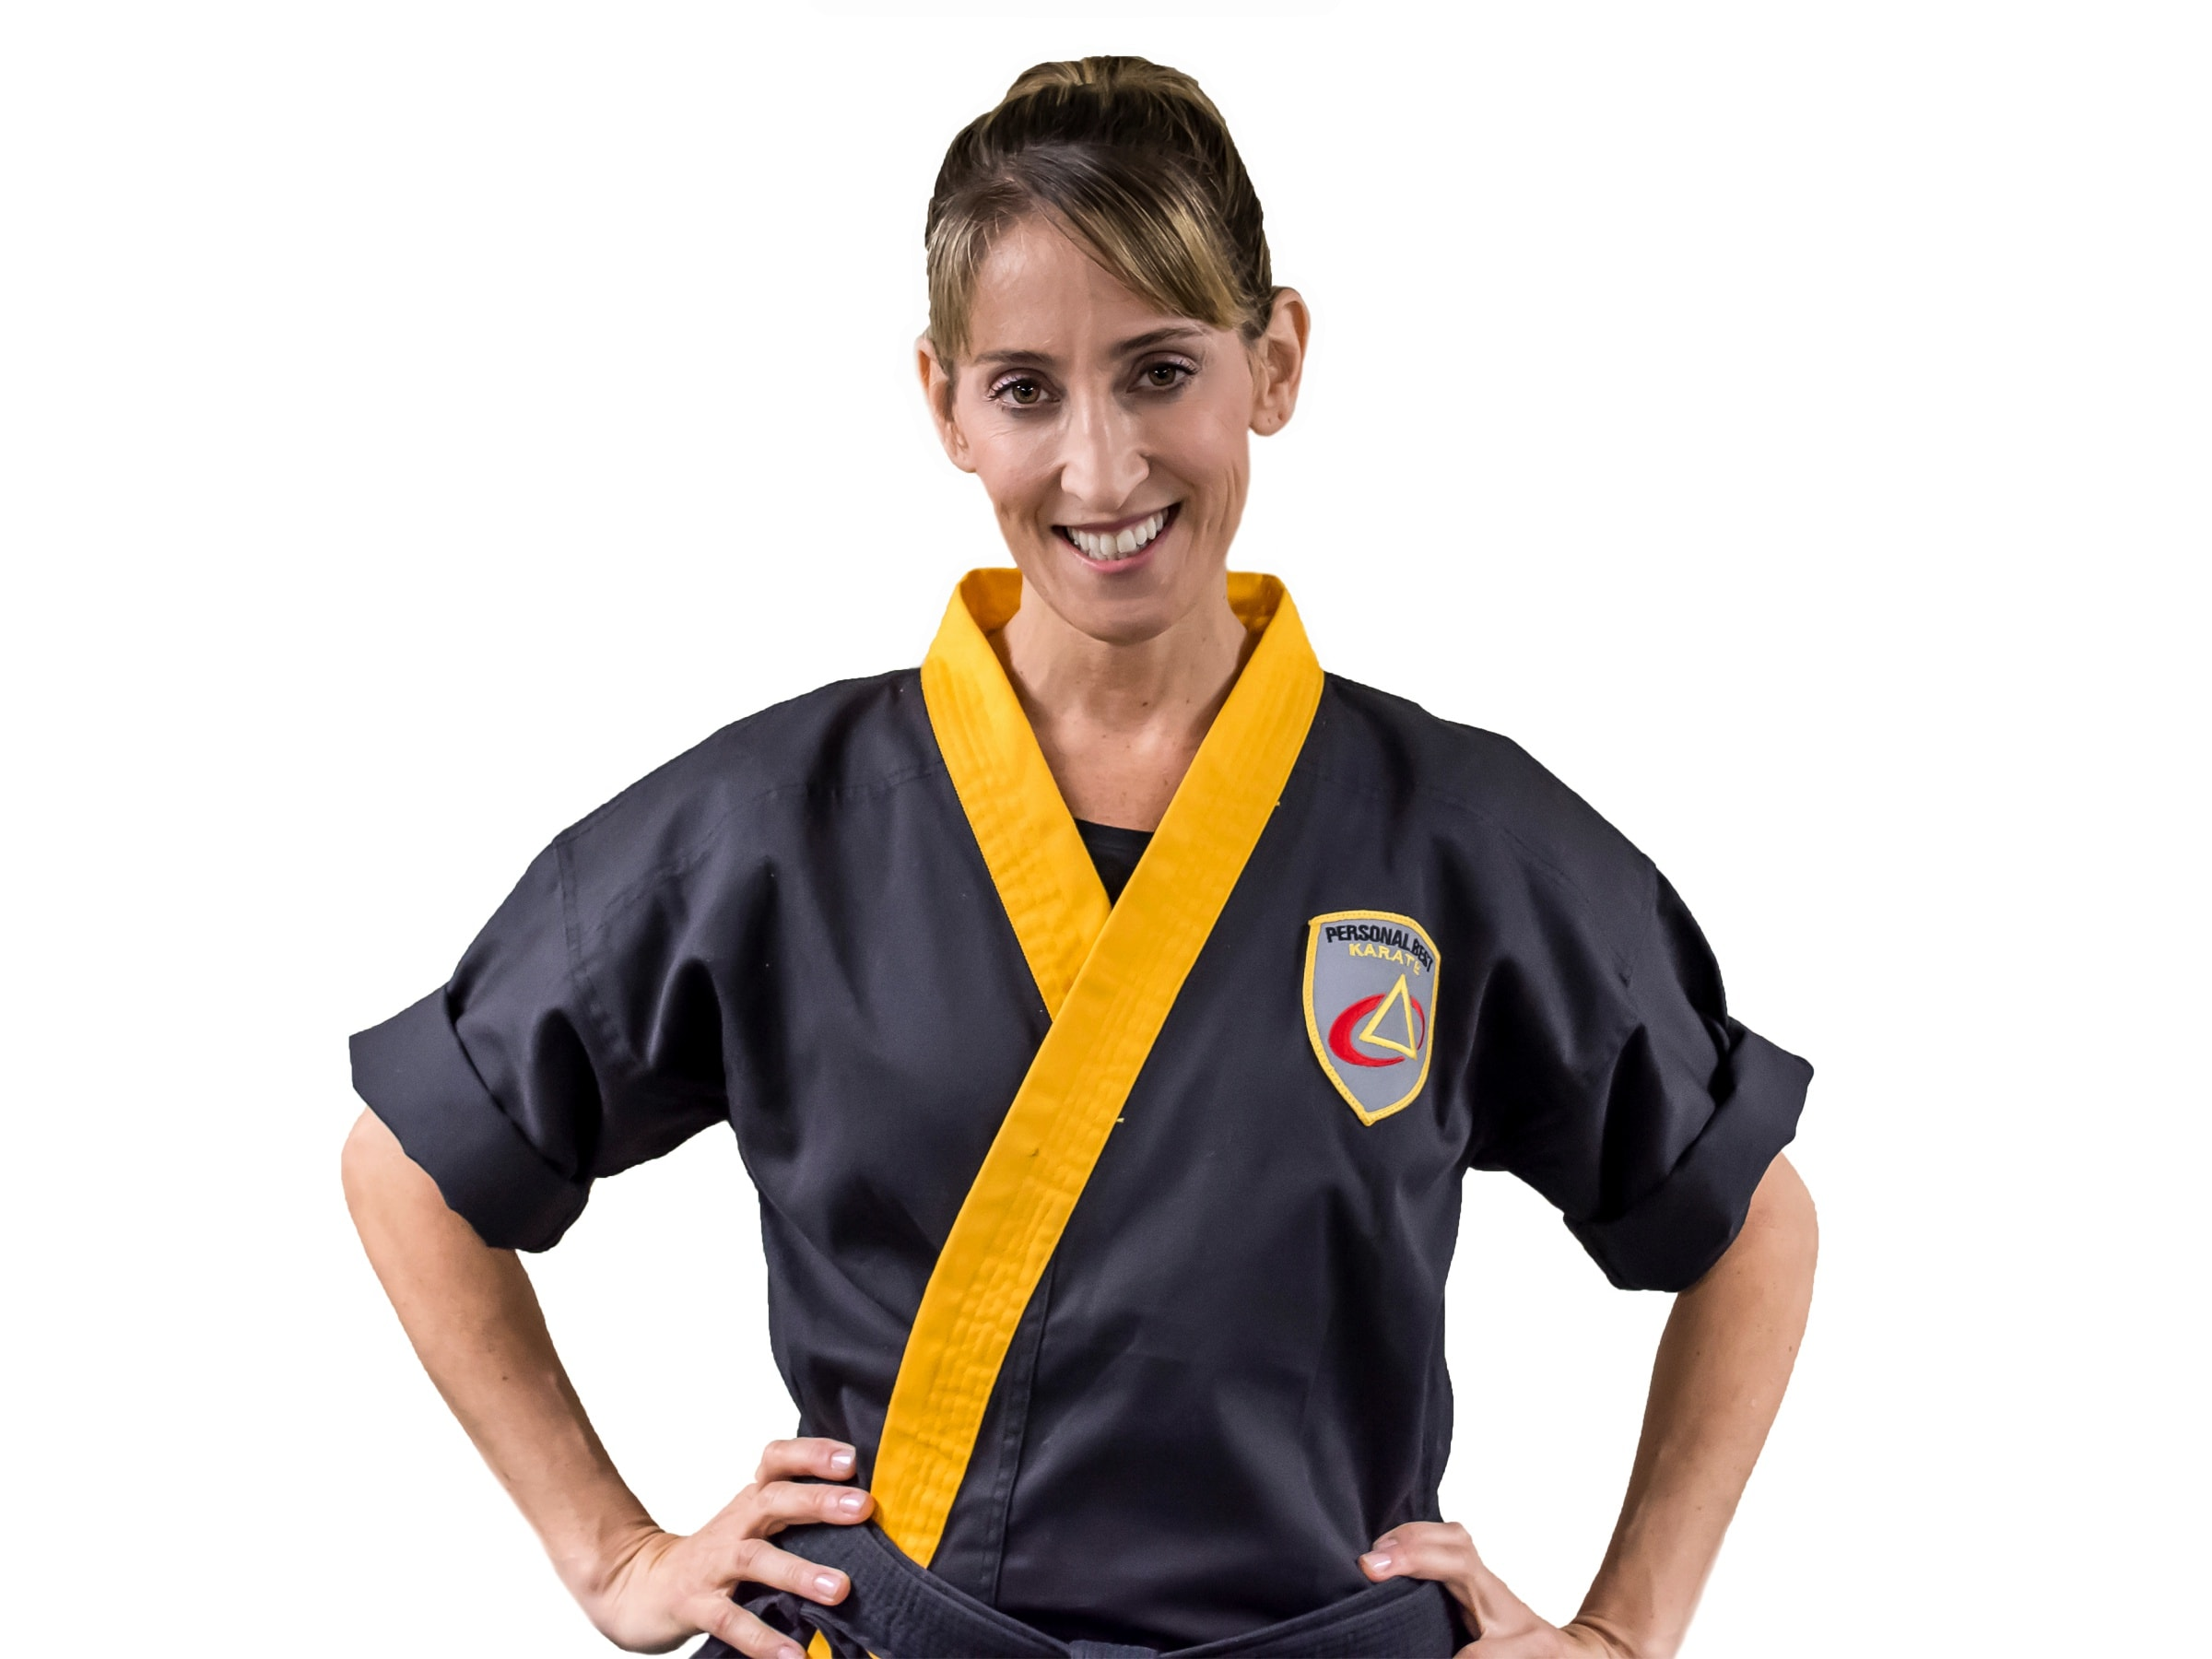 Kim Guccione in Norton - Personal Best Karate